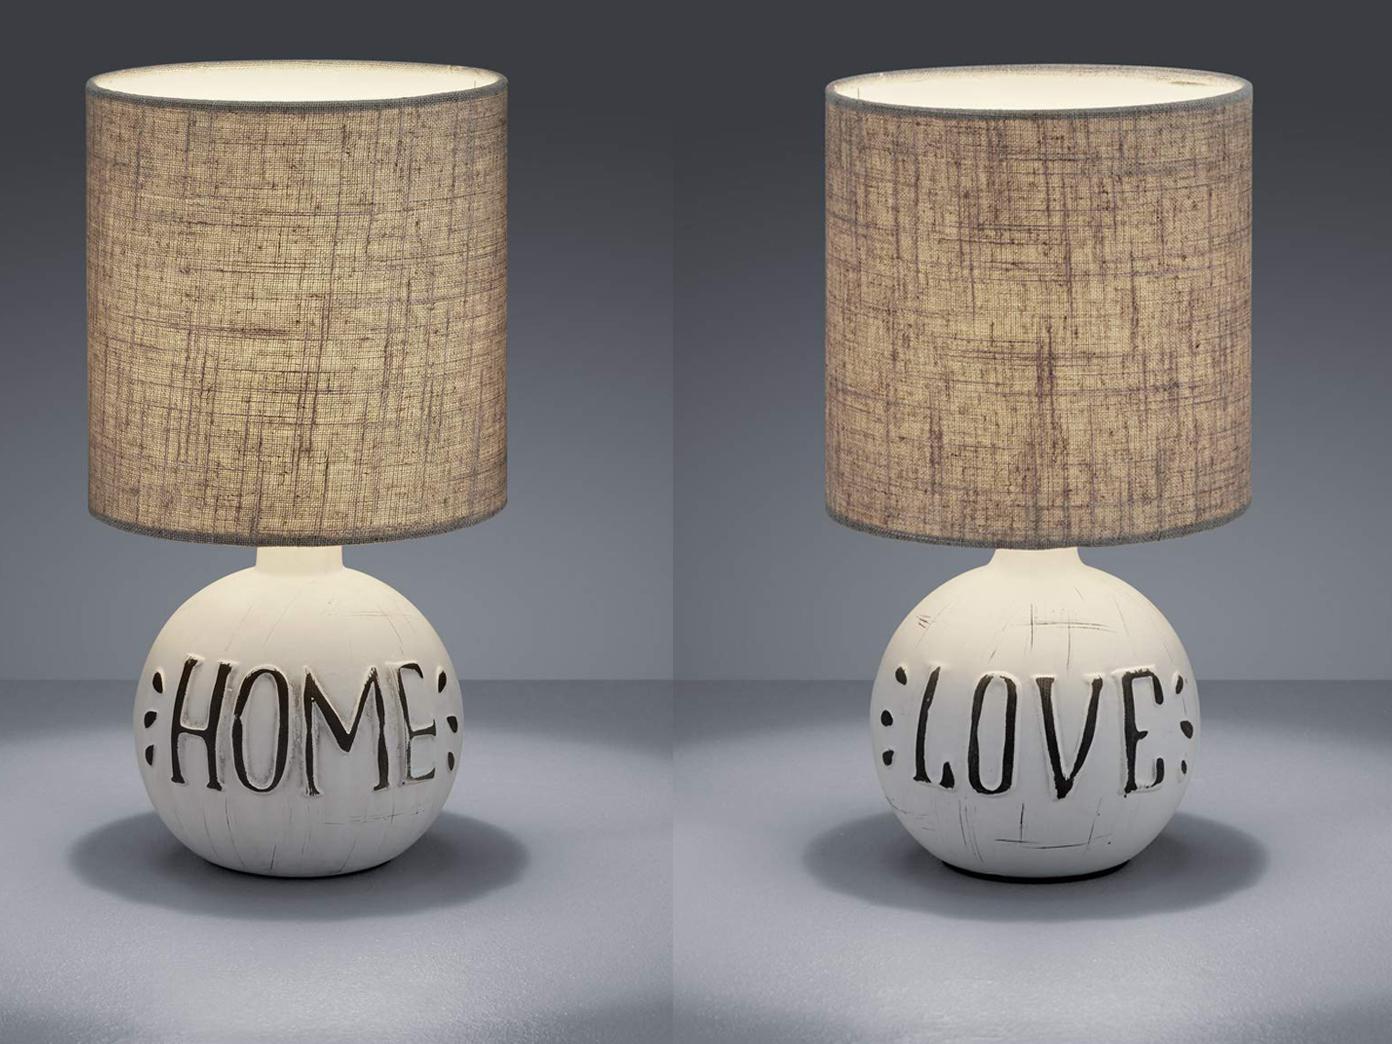 Kleine Gemutliche Keramik Lampen Fur Die Fensterbank Tischlampen Fur Wohnzimmer Ebay